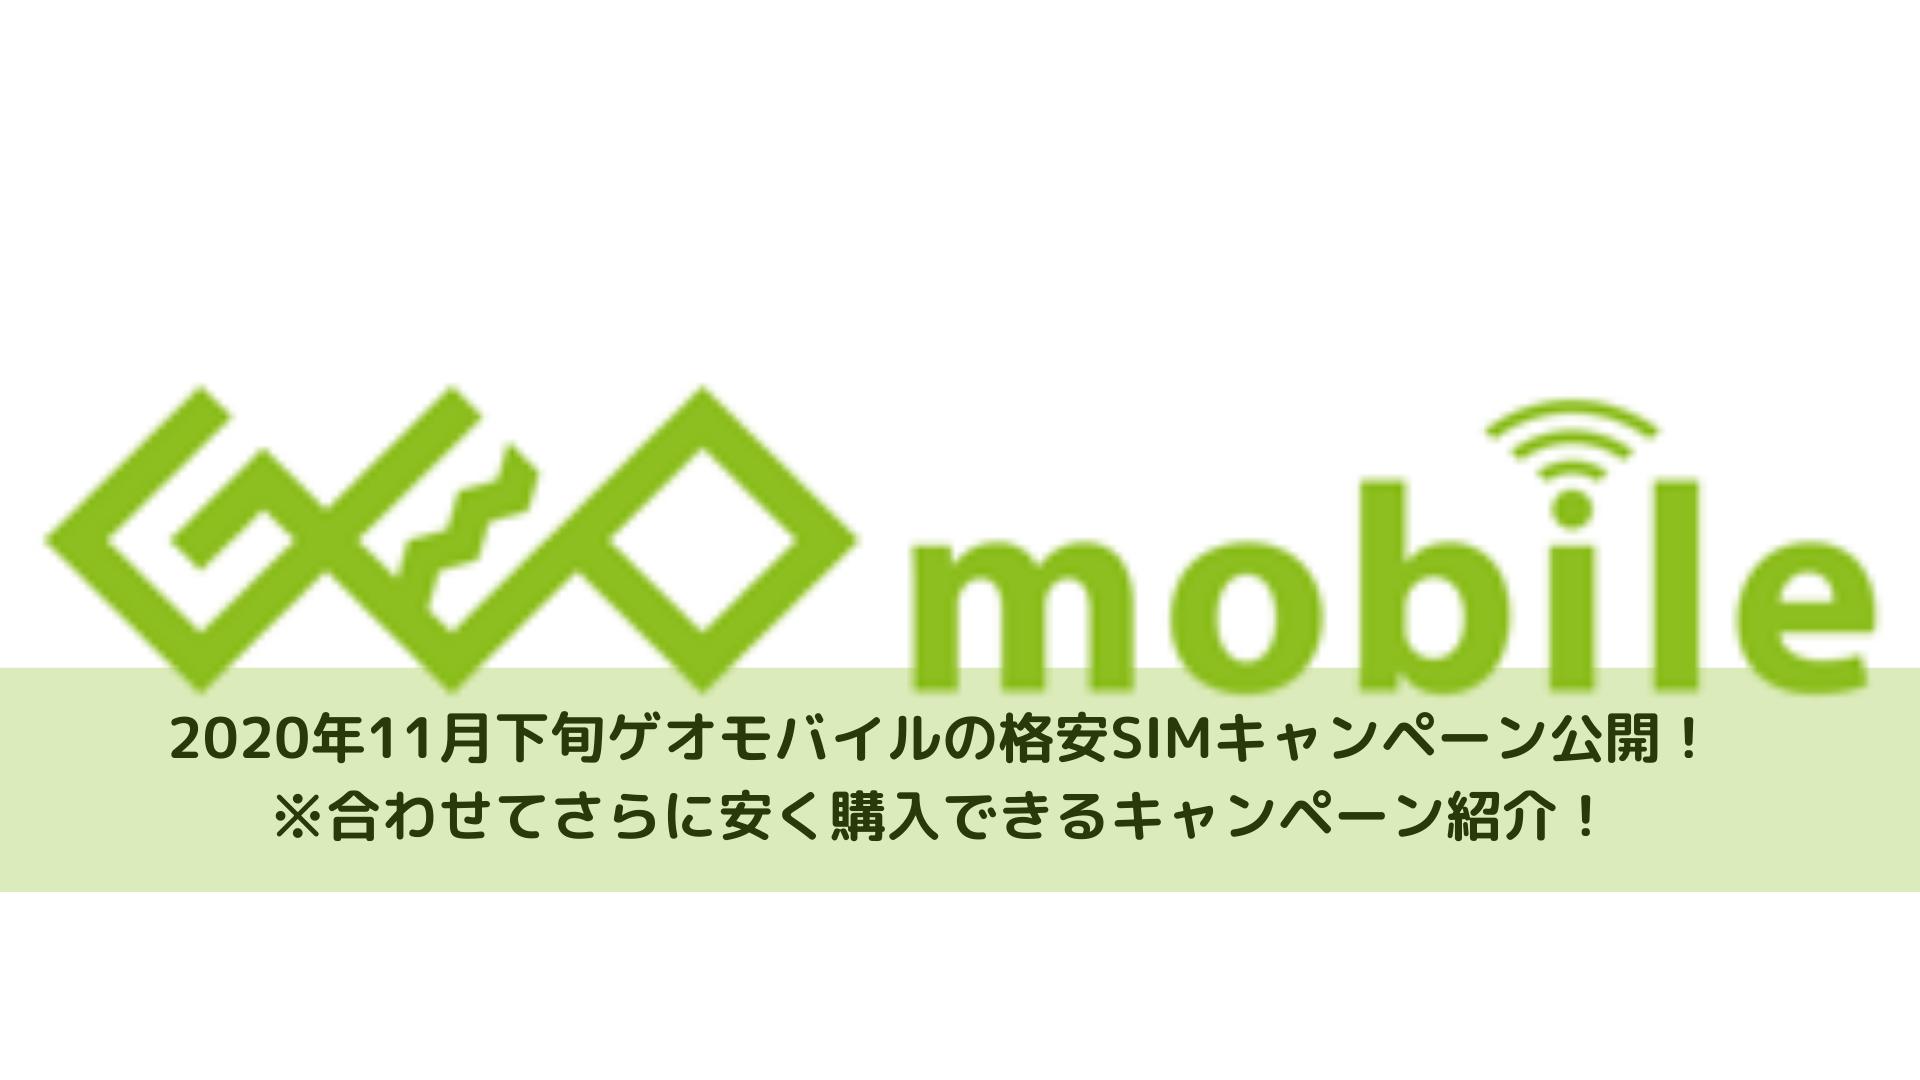 2020年11月下旬ゲオモバイルの格安SIMキャンペーン公開!※合わせてさらに安く購入できるキャンペーン紹介!